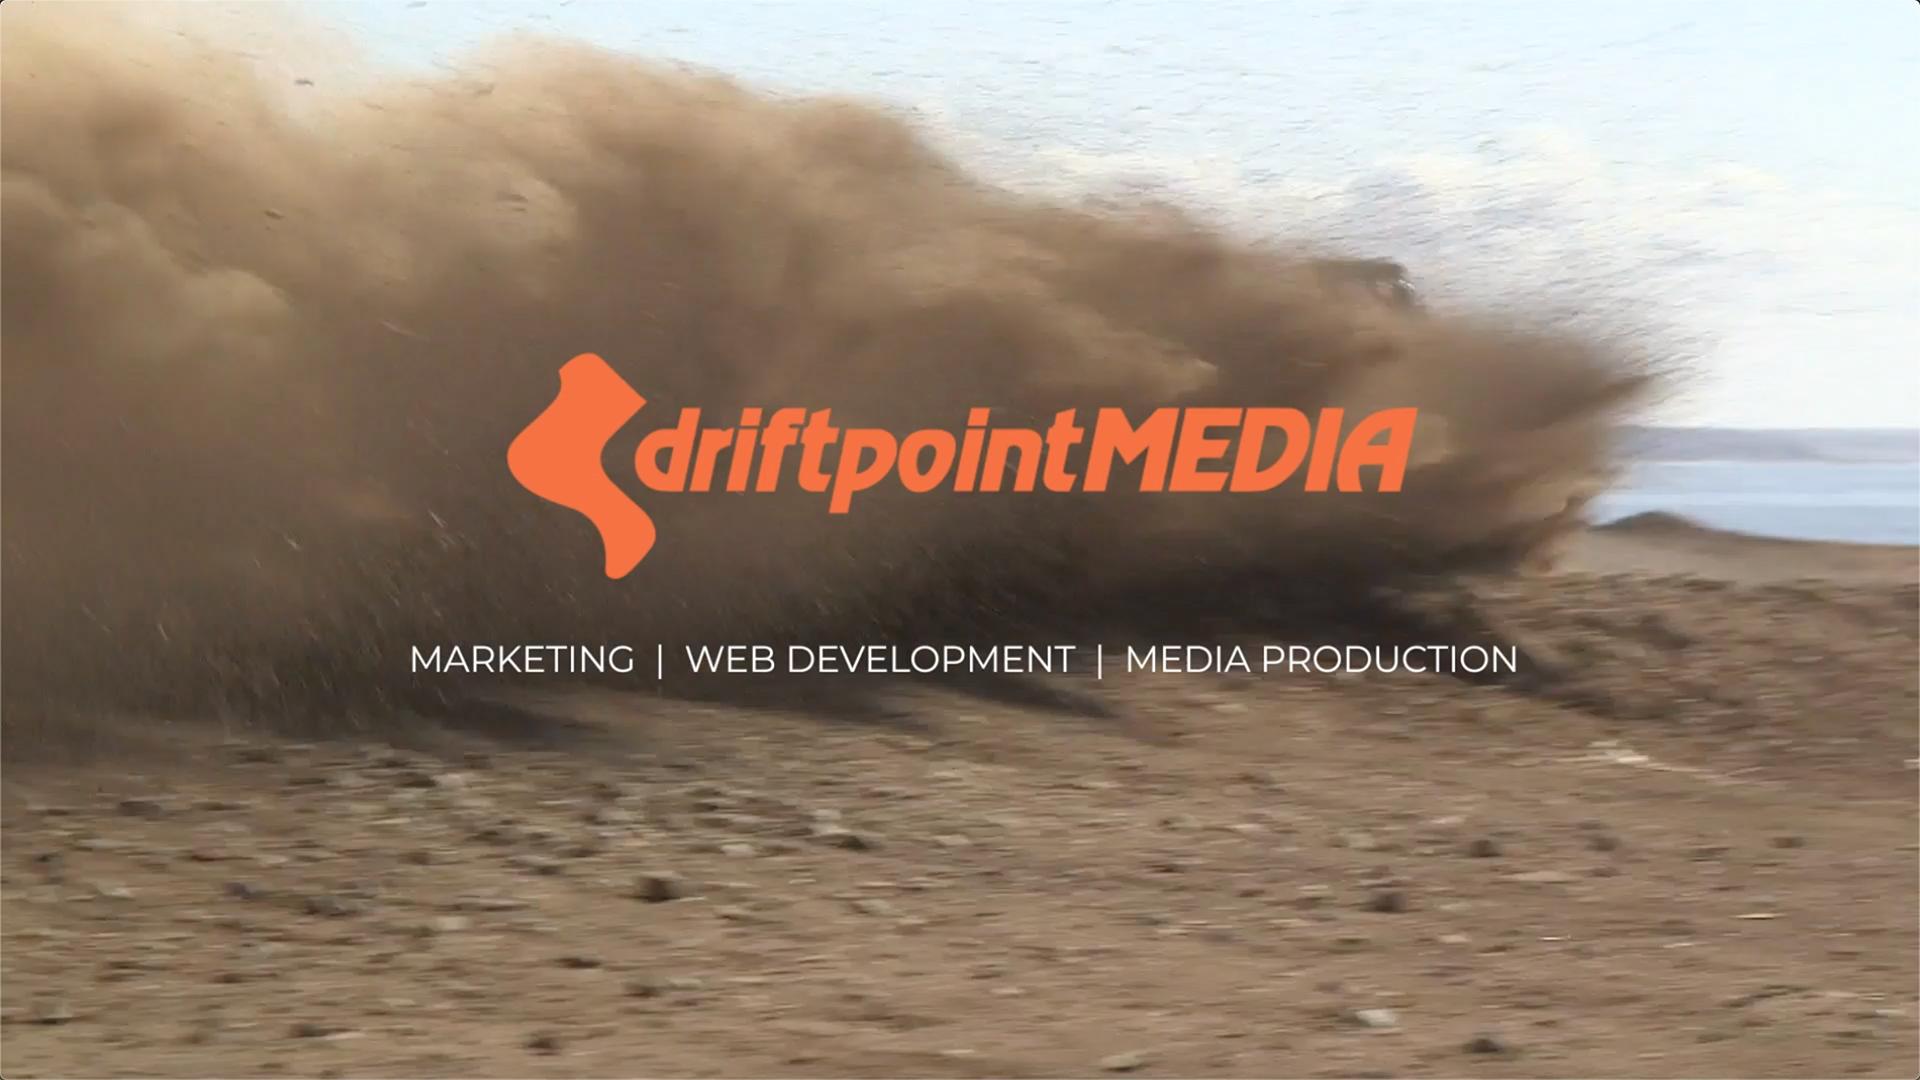 Driftpoint Media